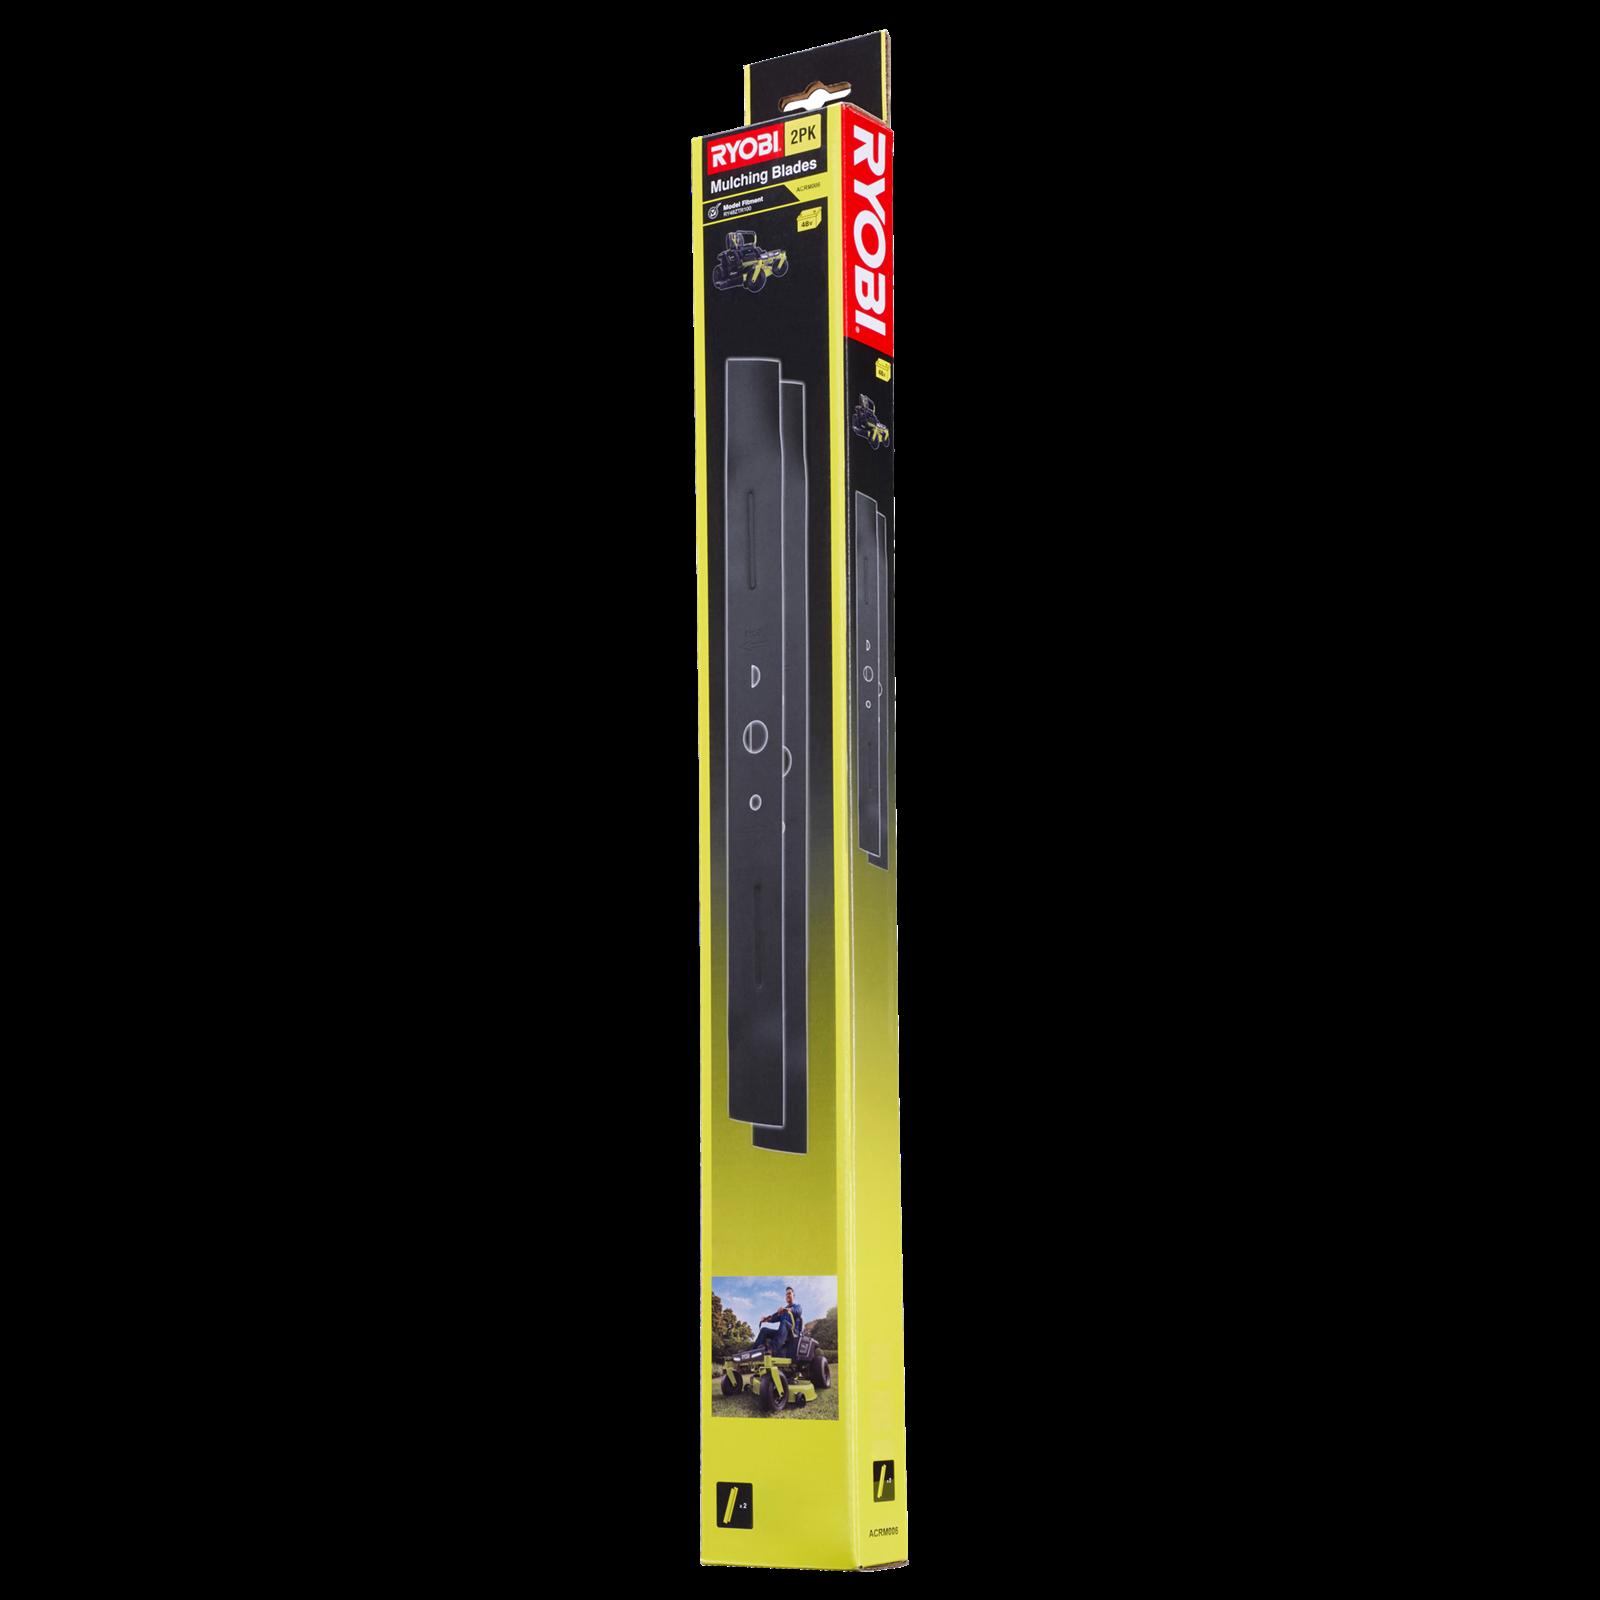 Ryobi ZTR Mower Mulching Blades - 2 Pack